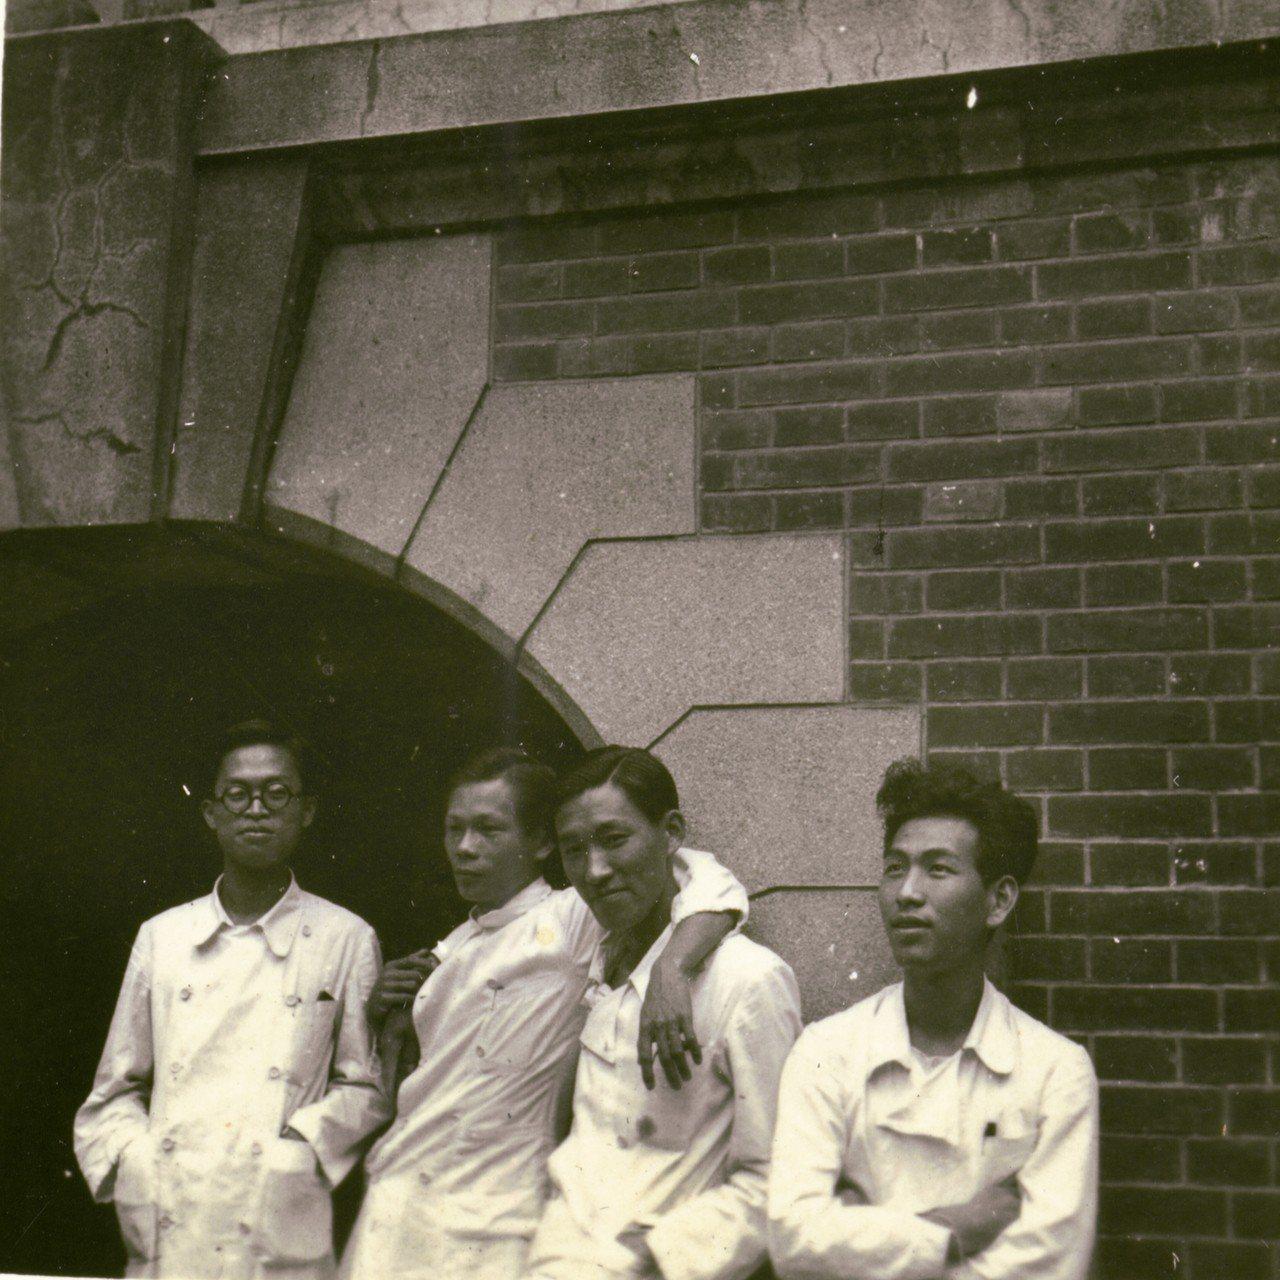 楊思標(右)帝國大學時期與同學留影。 圖╱陳正興攝影、楊思標提供